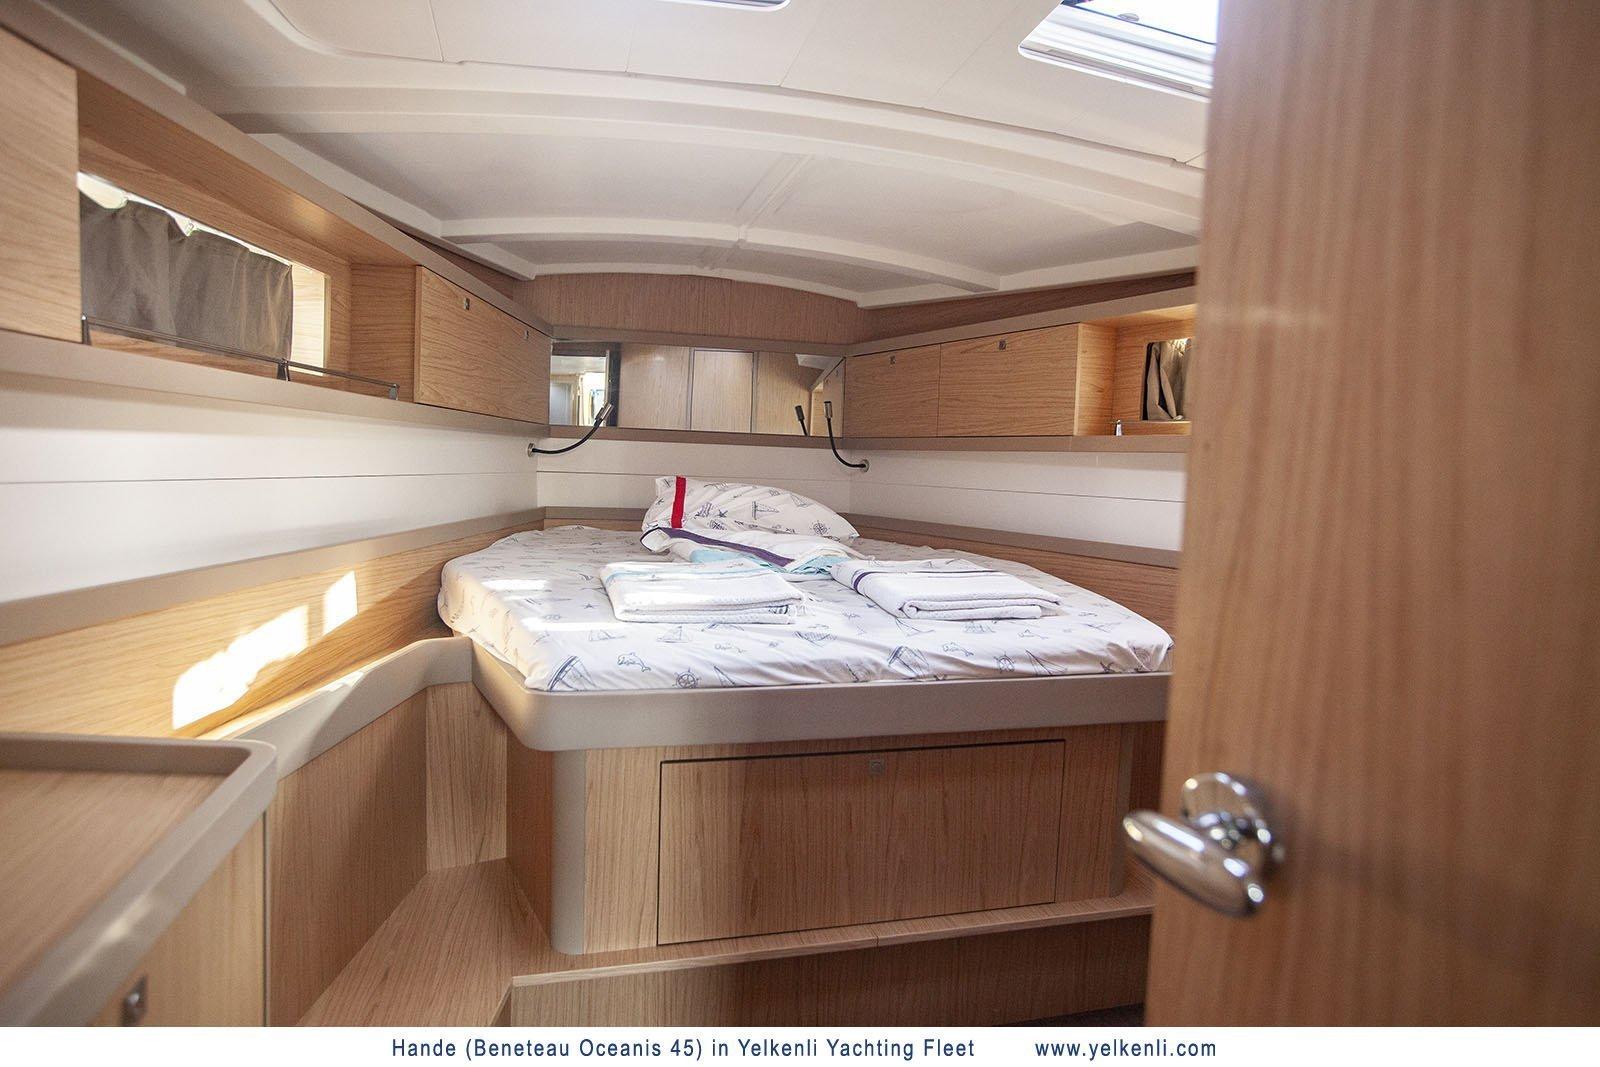 Oceanis 45 (2018) (Hande) Cabin Front - 29